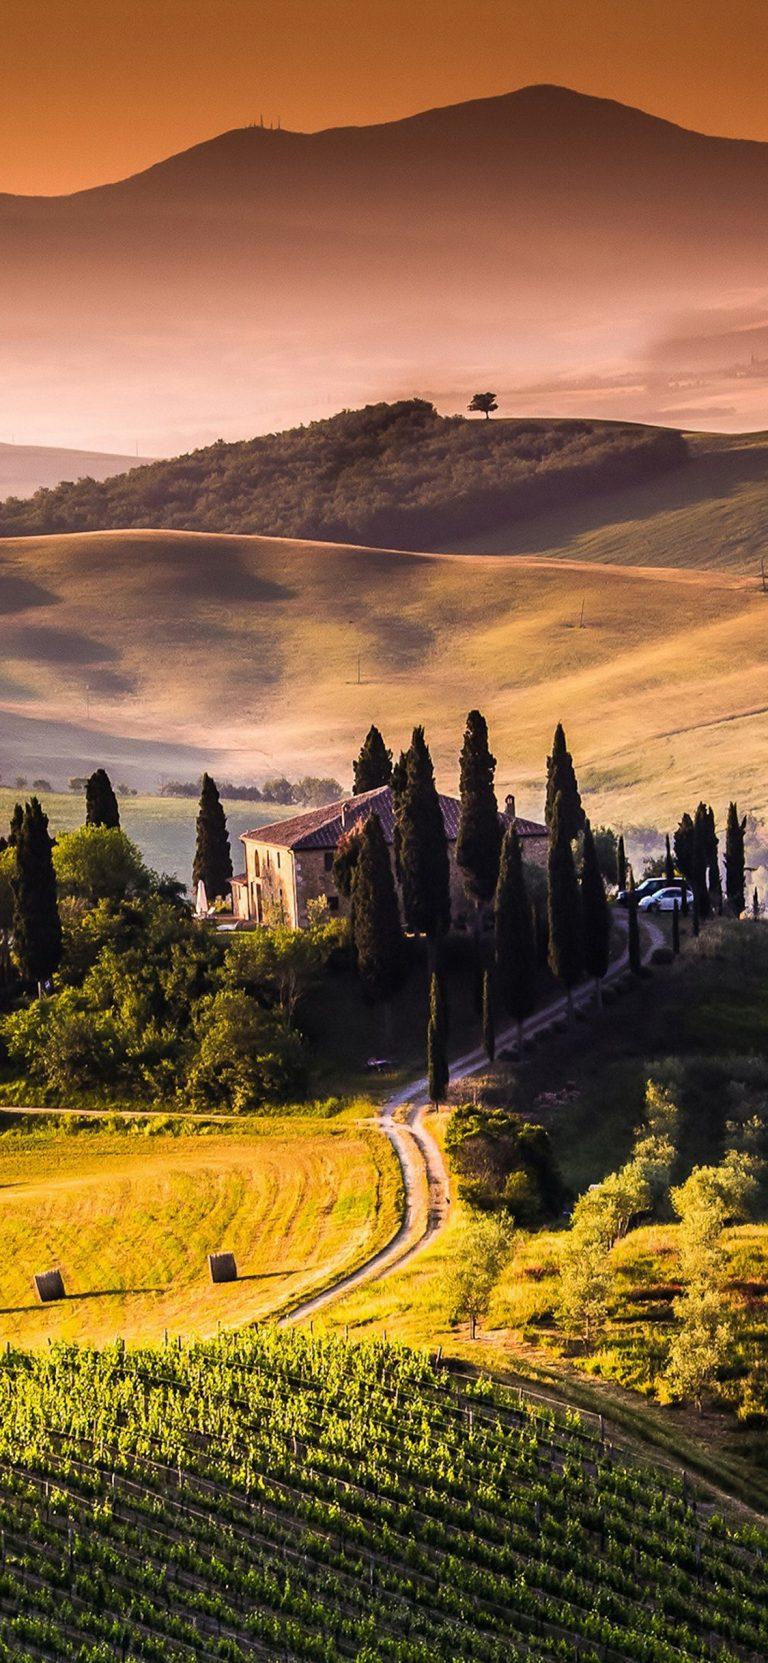 Natural Landscape HD Wallpaper 1125x2436 768x1663